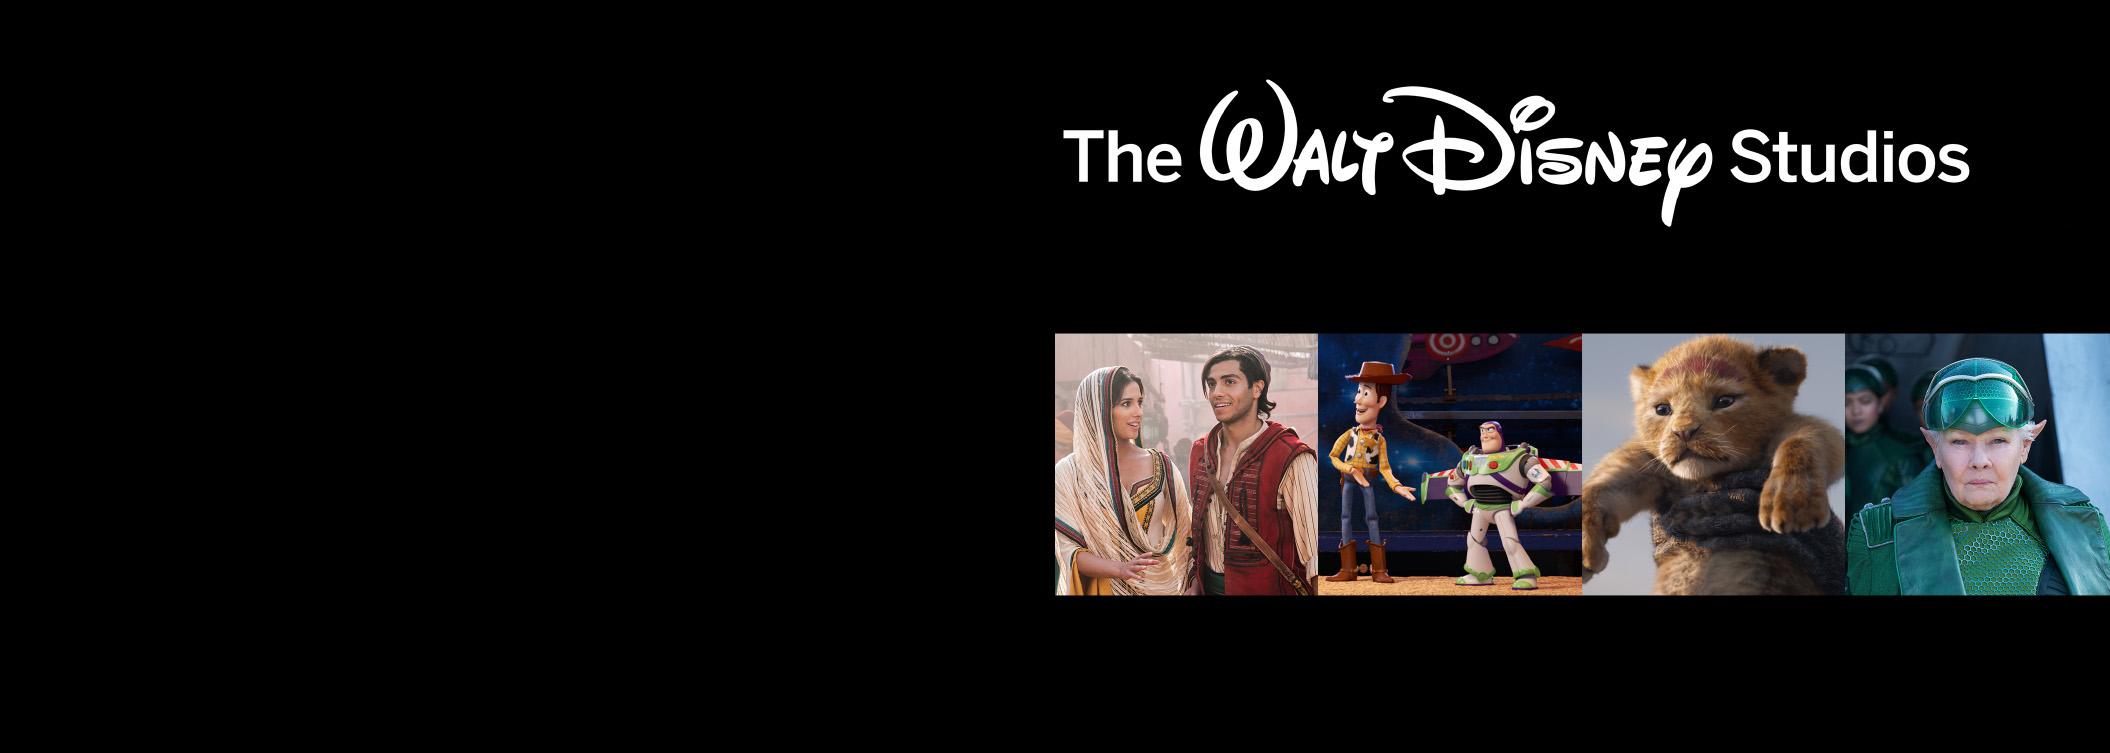 Walt Disney Studios Motion Pictures Release Schedule